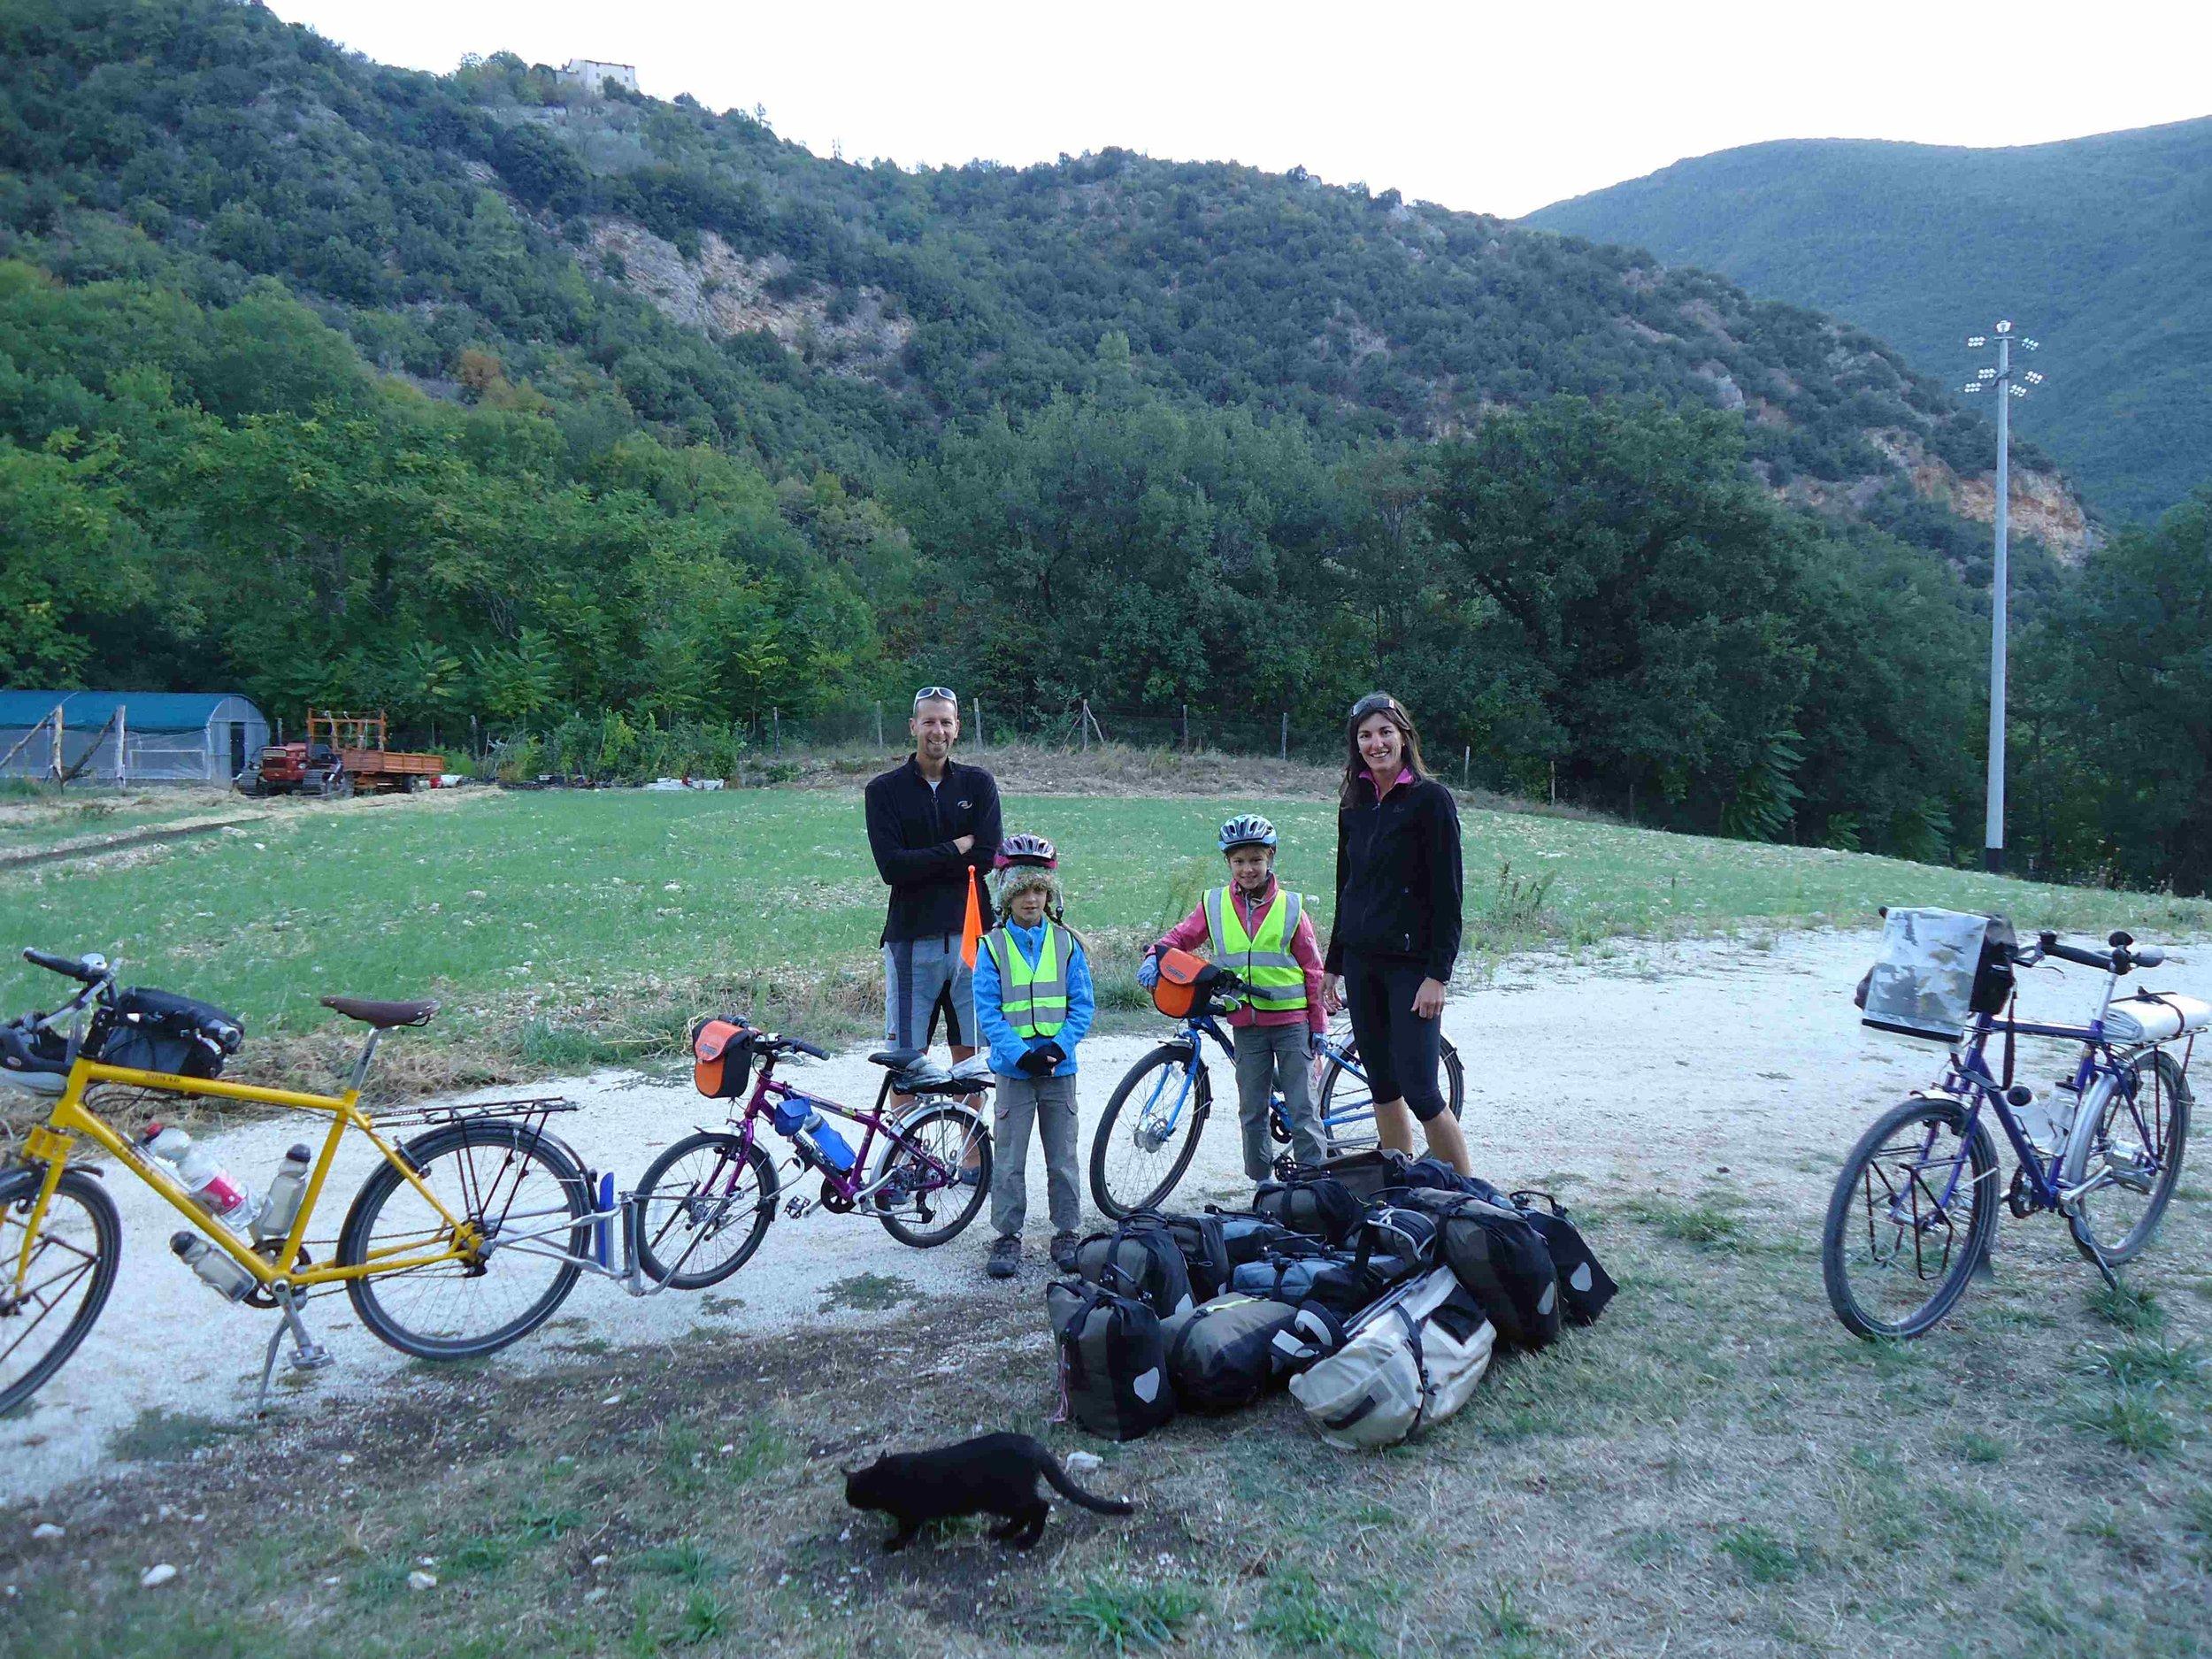 arrivalbybike.jpg